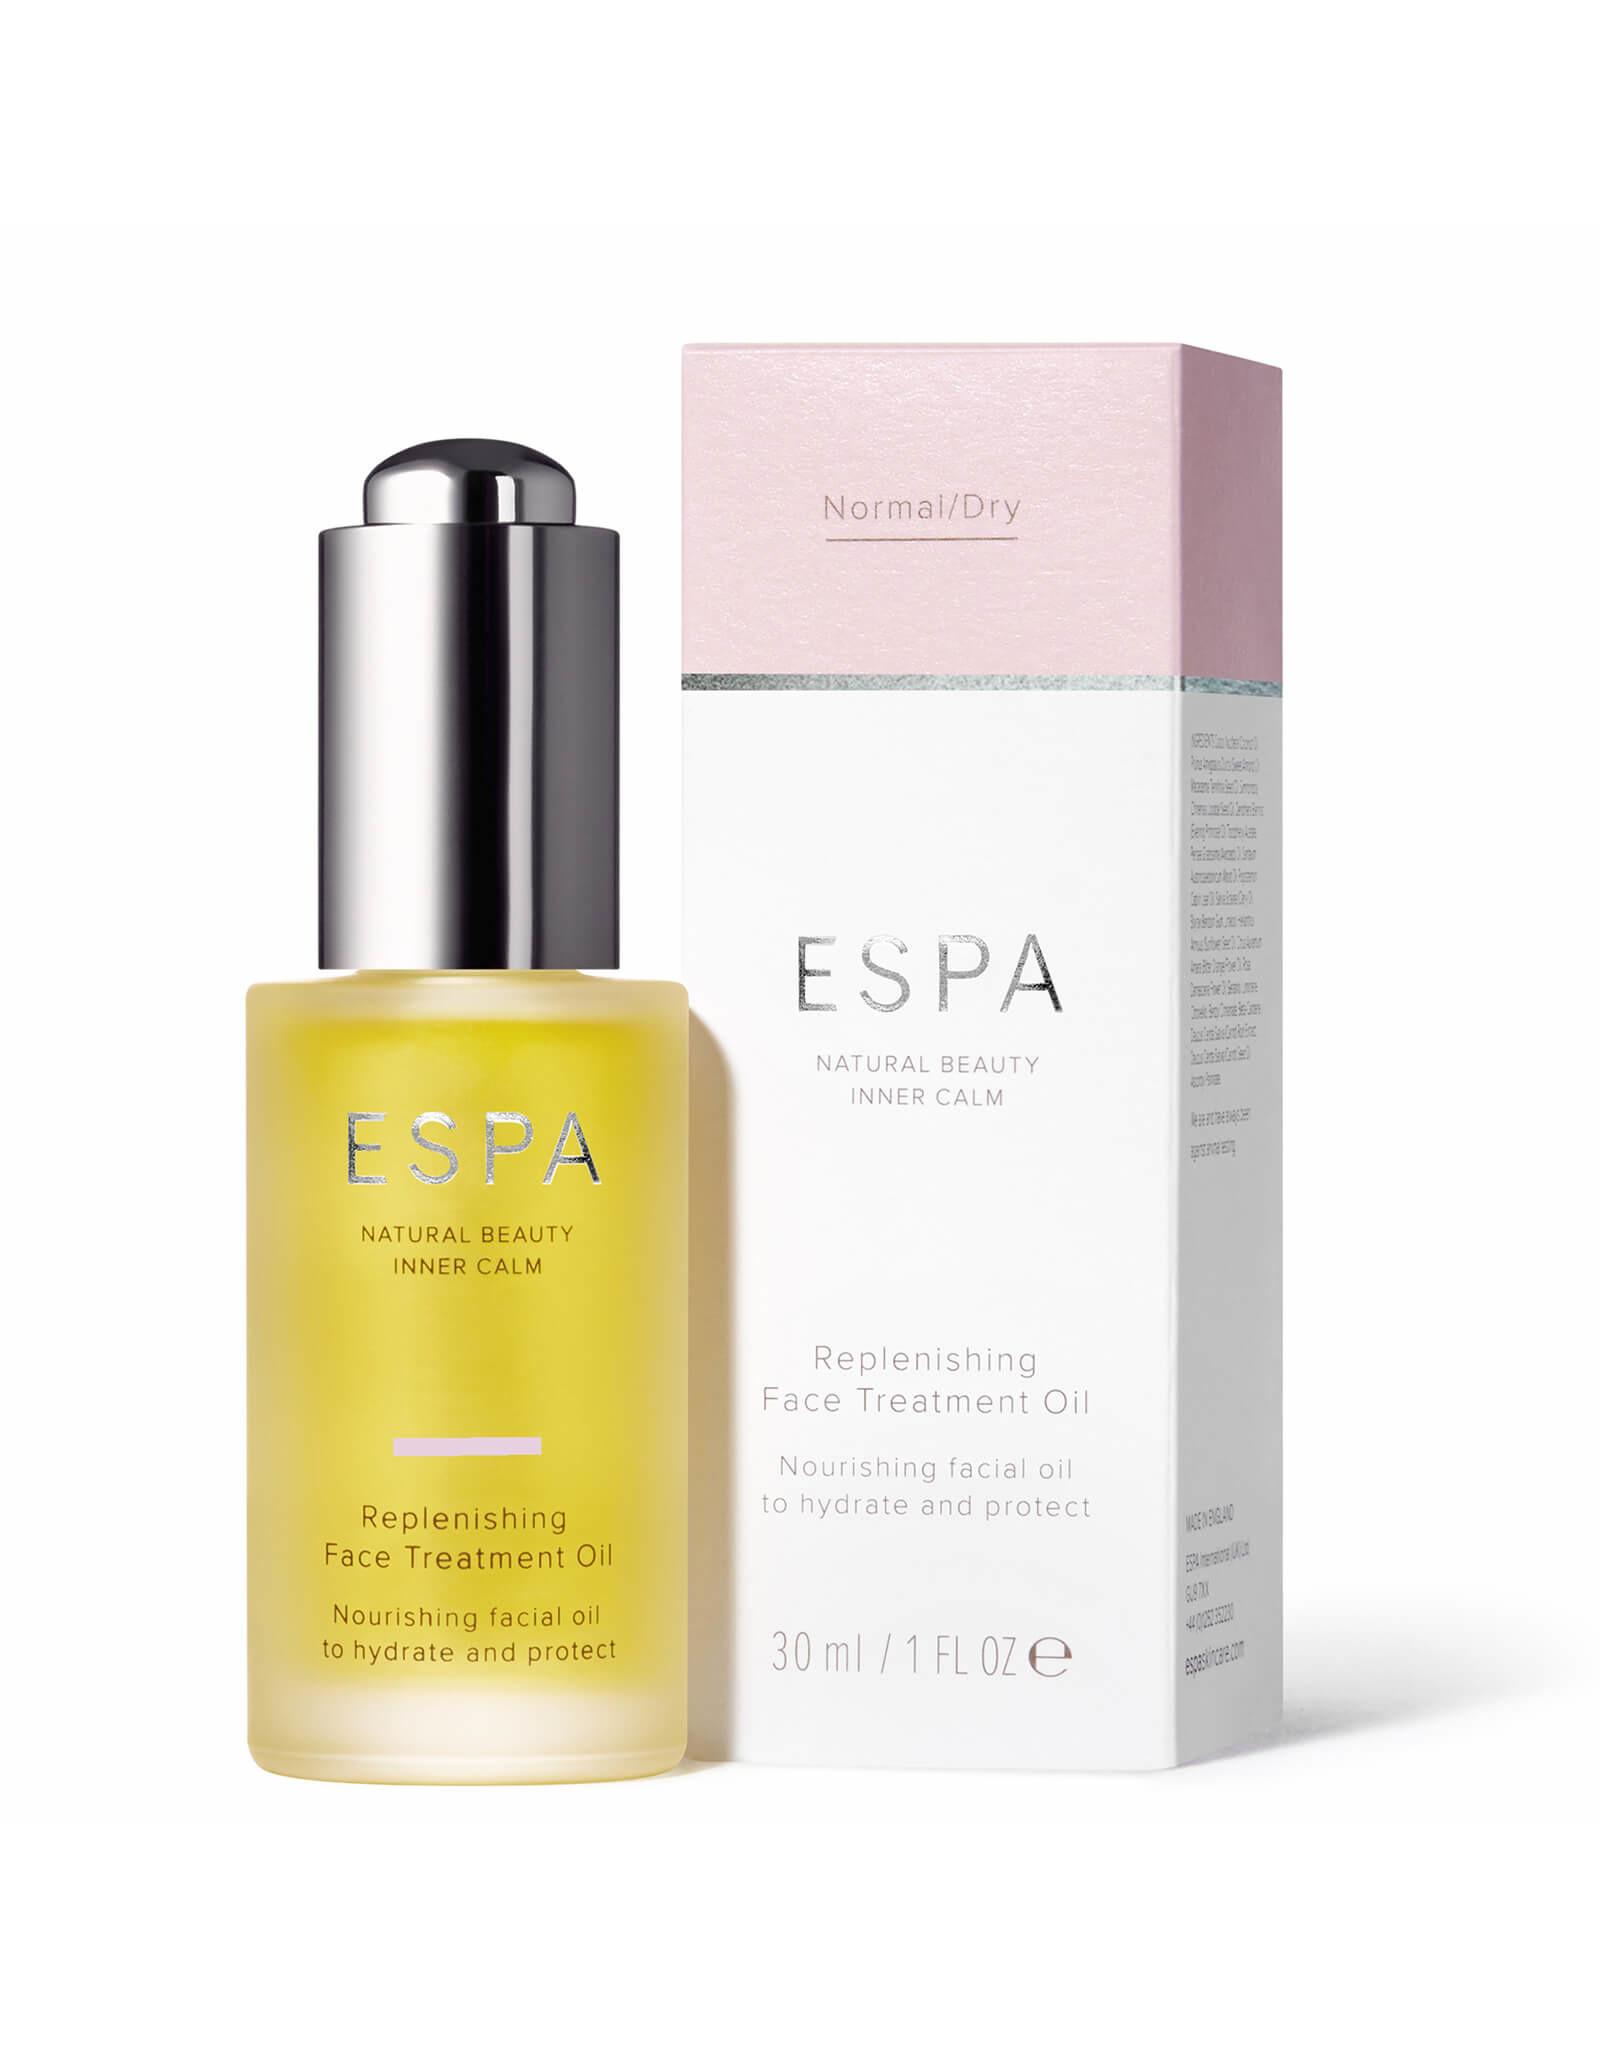 ESPA Replenishing Face Treatment Oil, 30ml